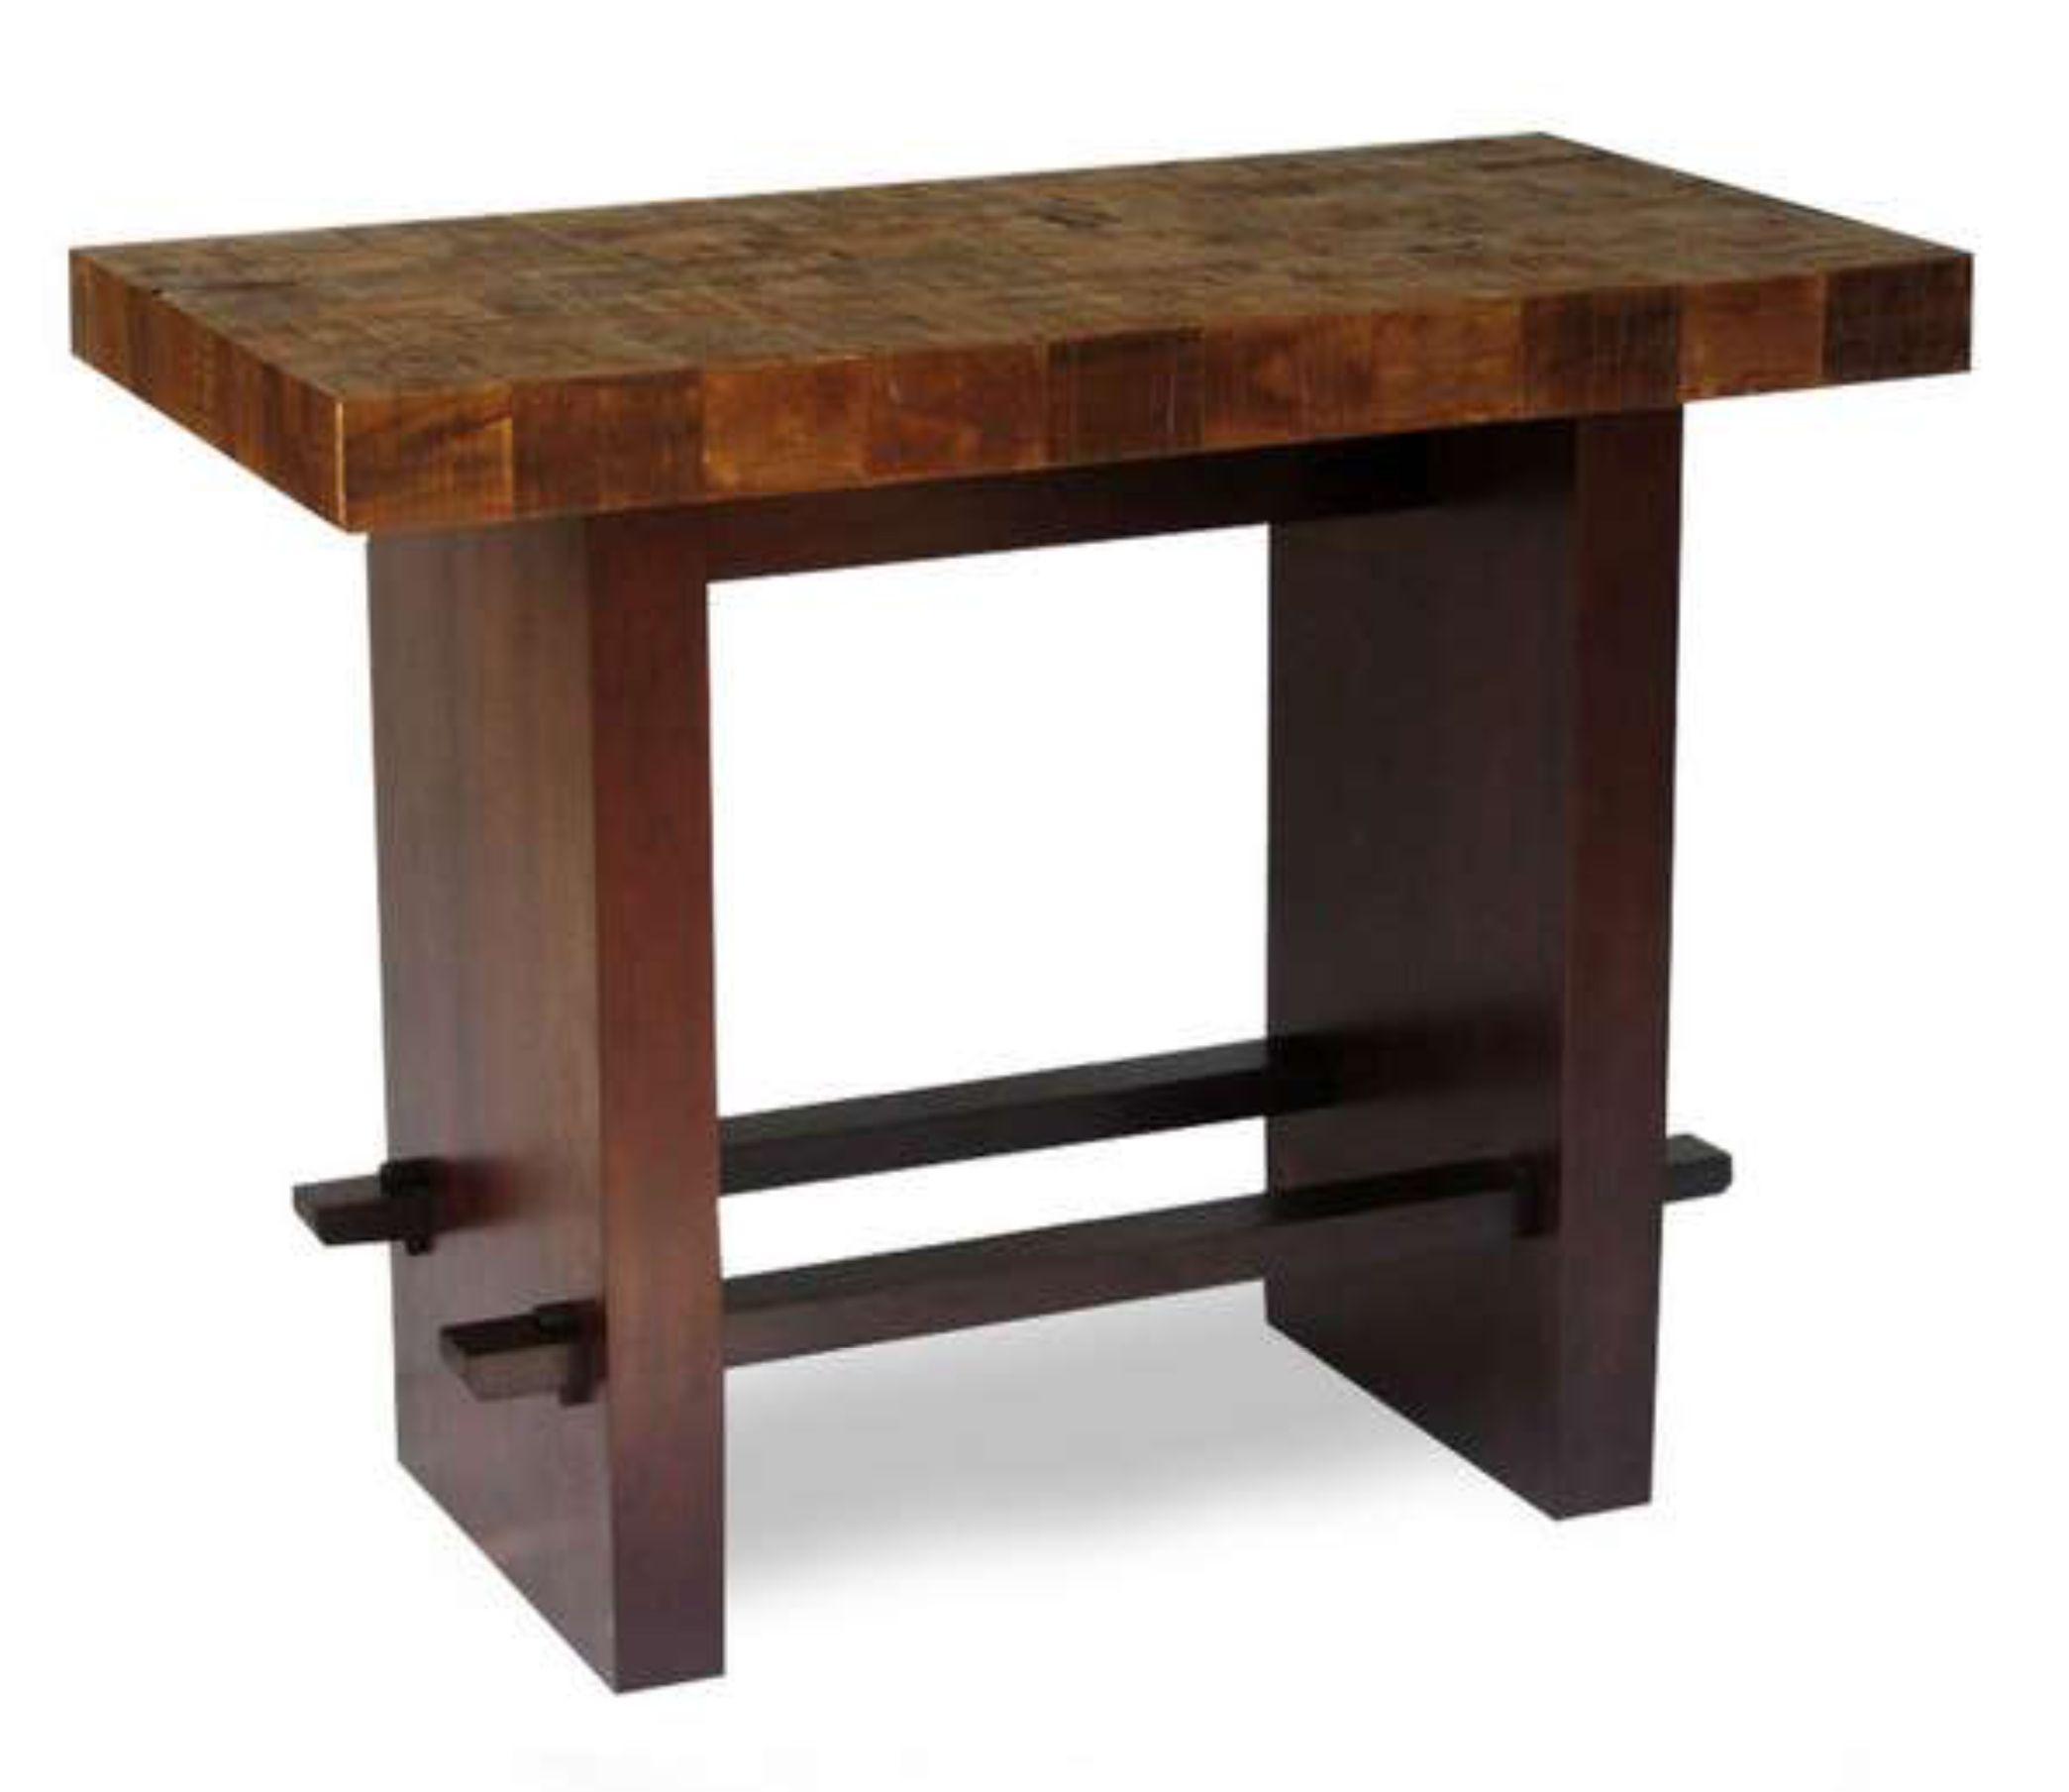 Hohe Bartische Und Hocker Bartisch Tisch Und Stuhle Und Hocker